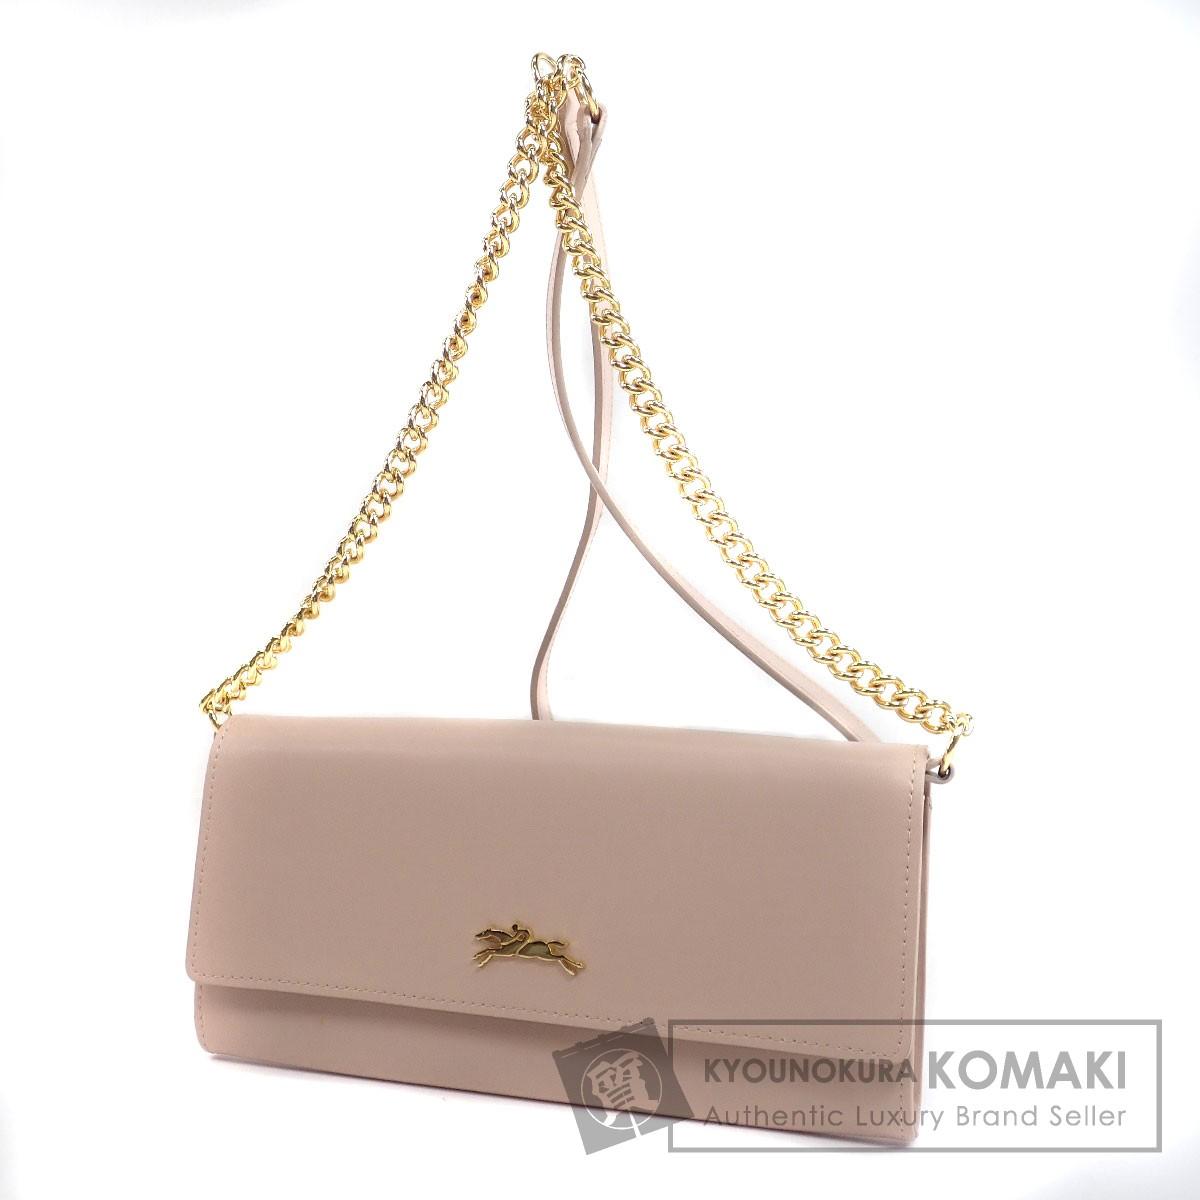 Longchamp チェーンショルダー ショルダーウォレット 長財布(小銭入れあり) レザー レディース 【中古】【ロンシャン】